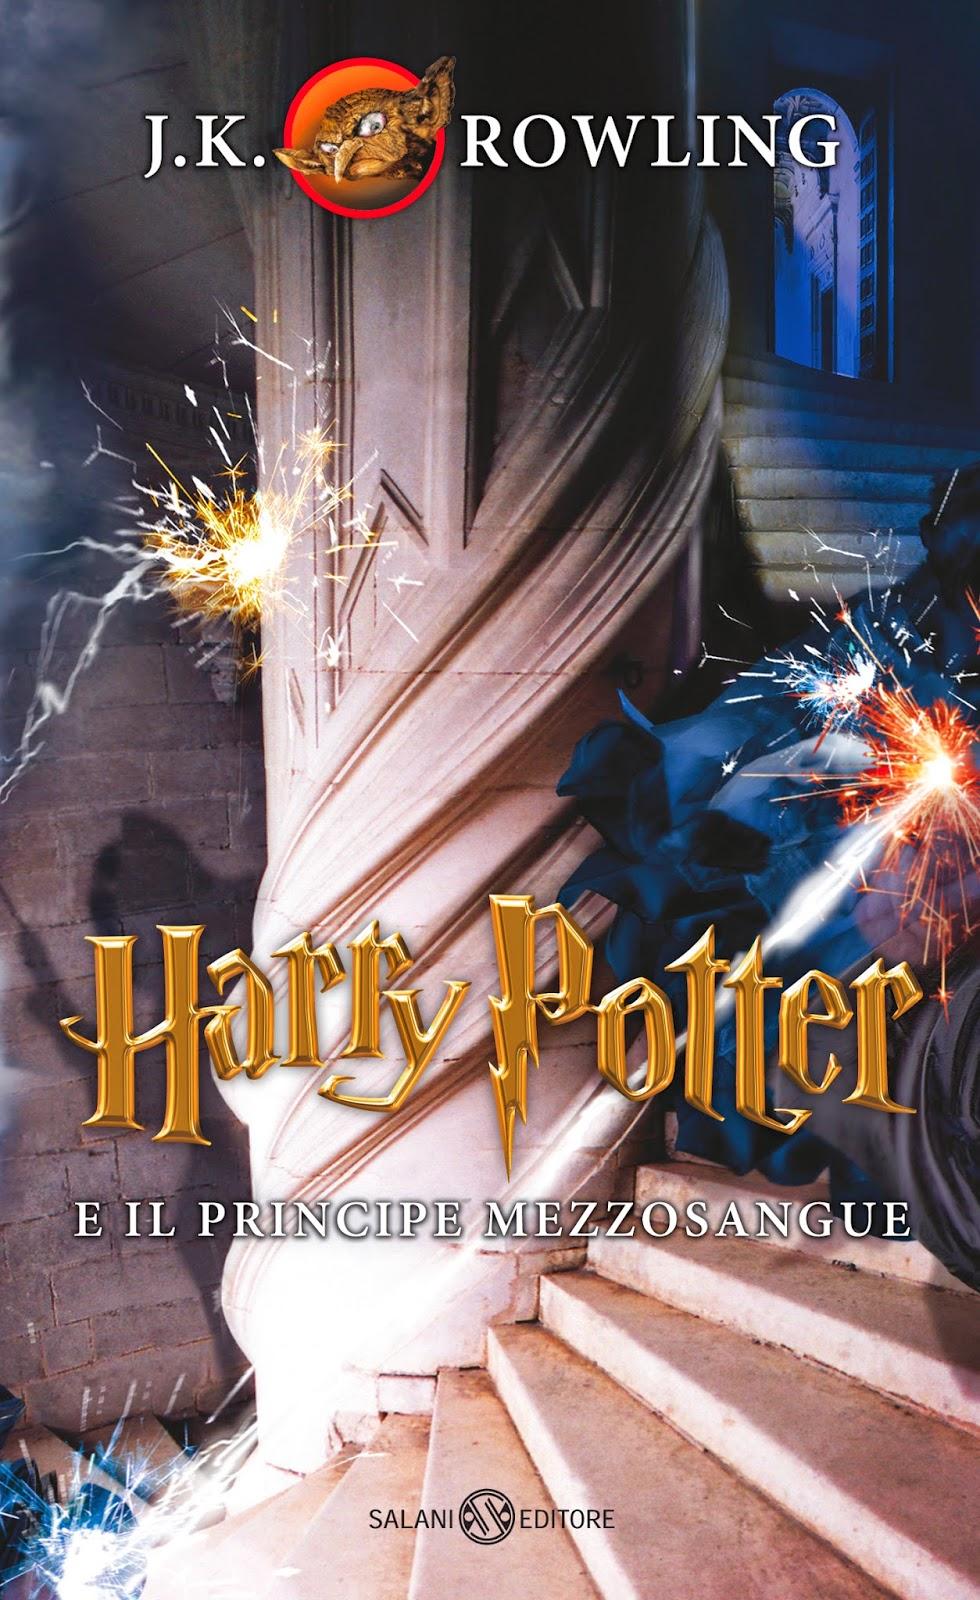 Harry Potter e il Principe Mezzosangue Edizione 2014 Illustrazioni Ien van Laanen